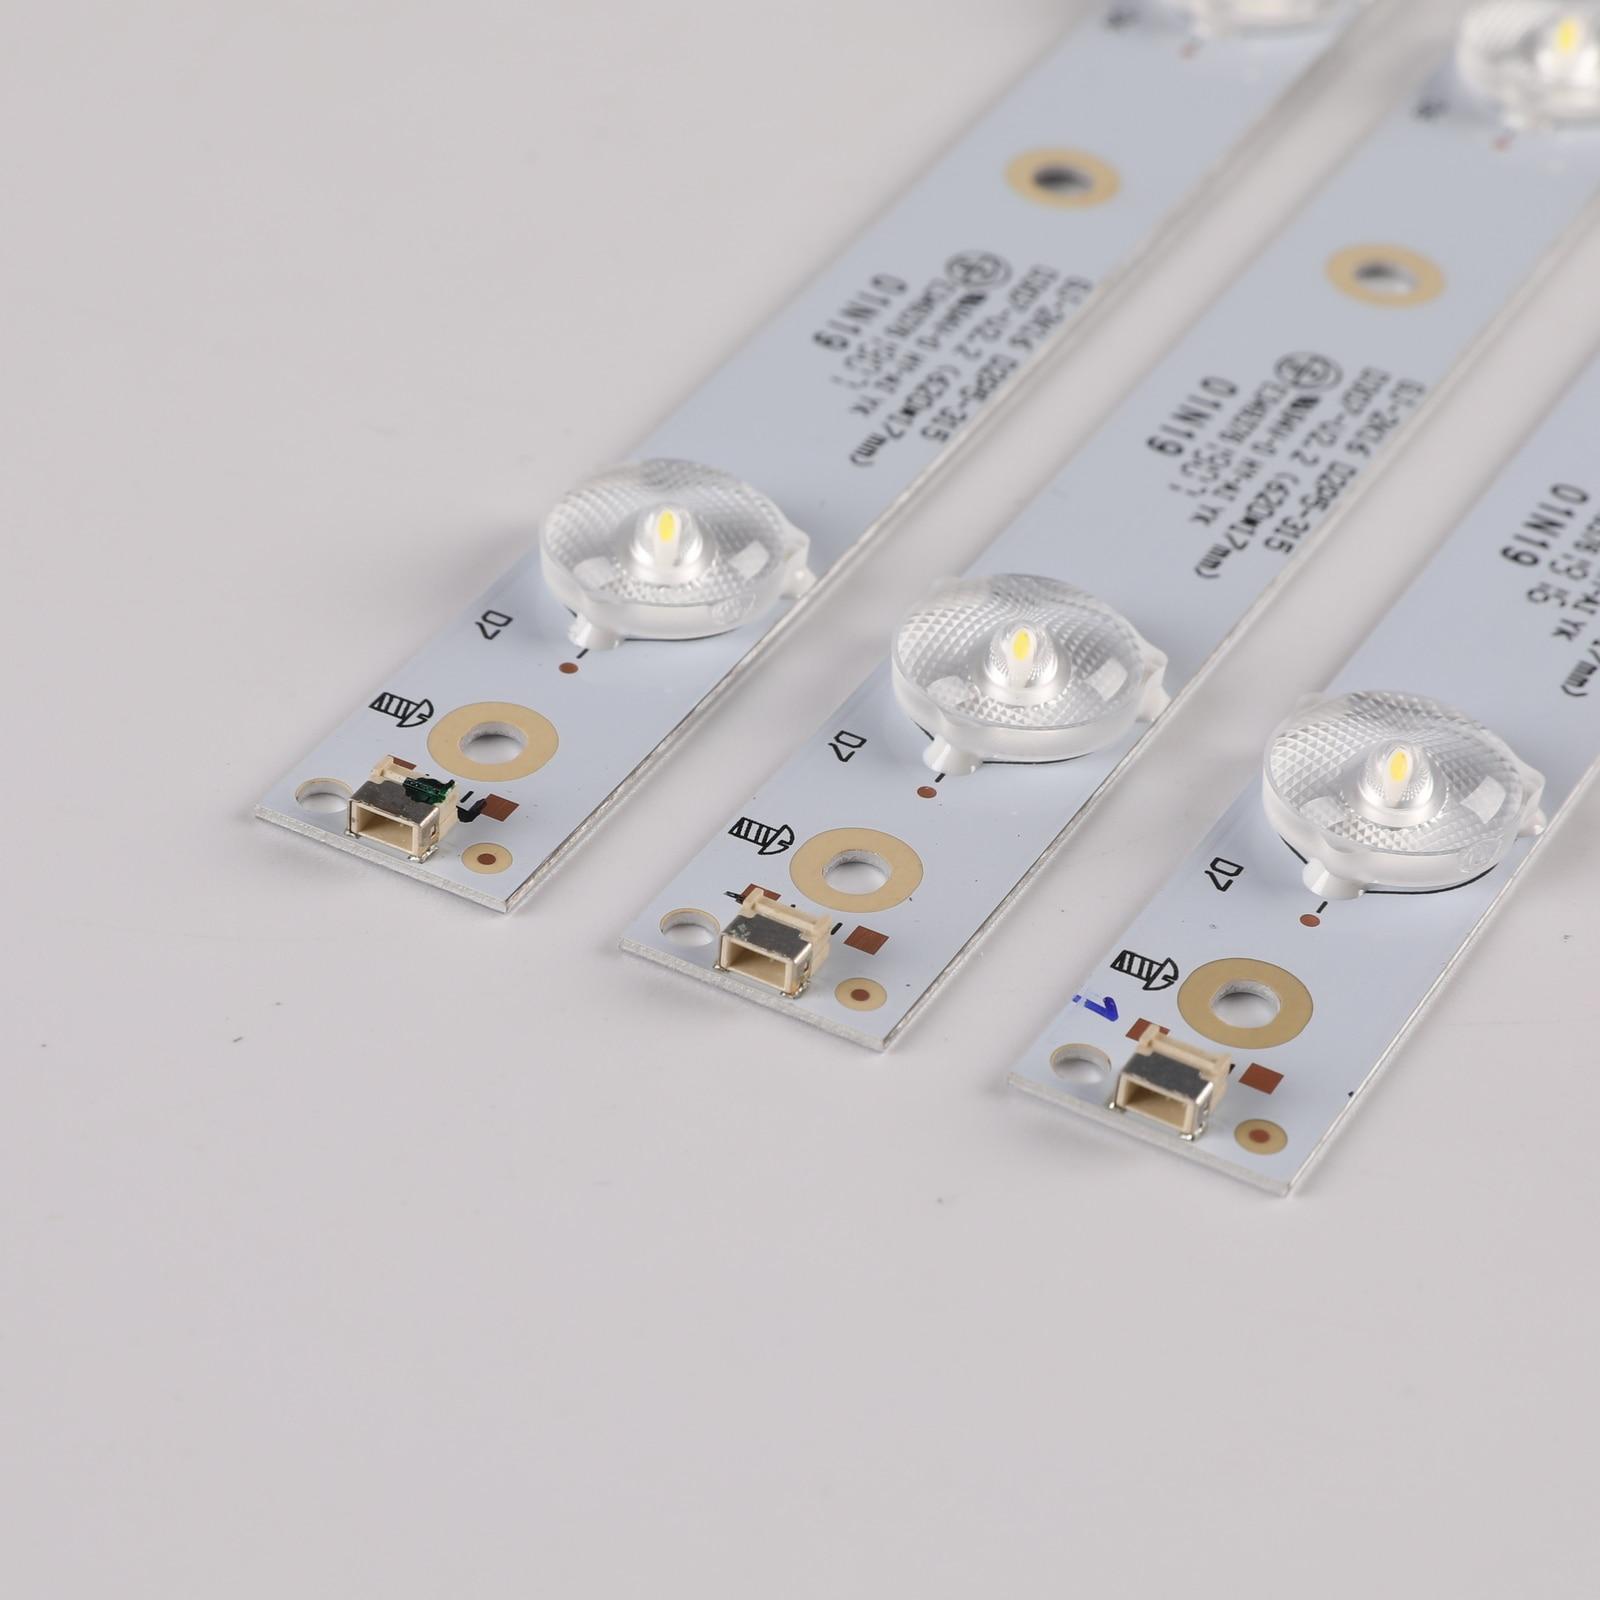 New 15 PCS/lot LED backlight strip for 32PHT4201/60 32PFT4131 32PHH4101 GJ-2K16 D2P5-315 D307-V2 01N19 01N18 01N26 LB32080 V0_01